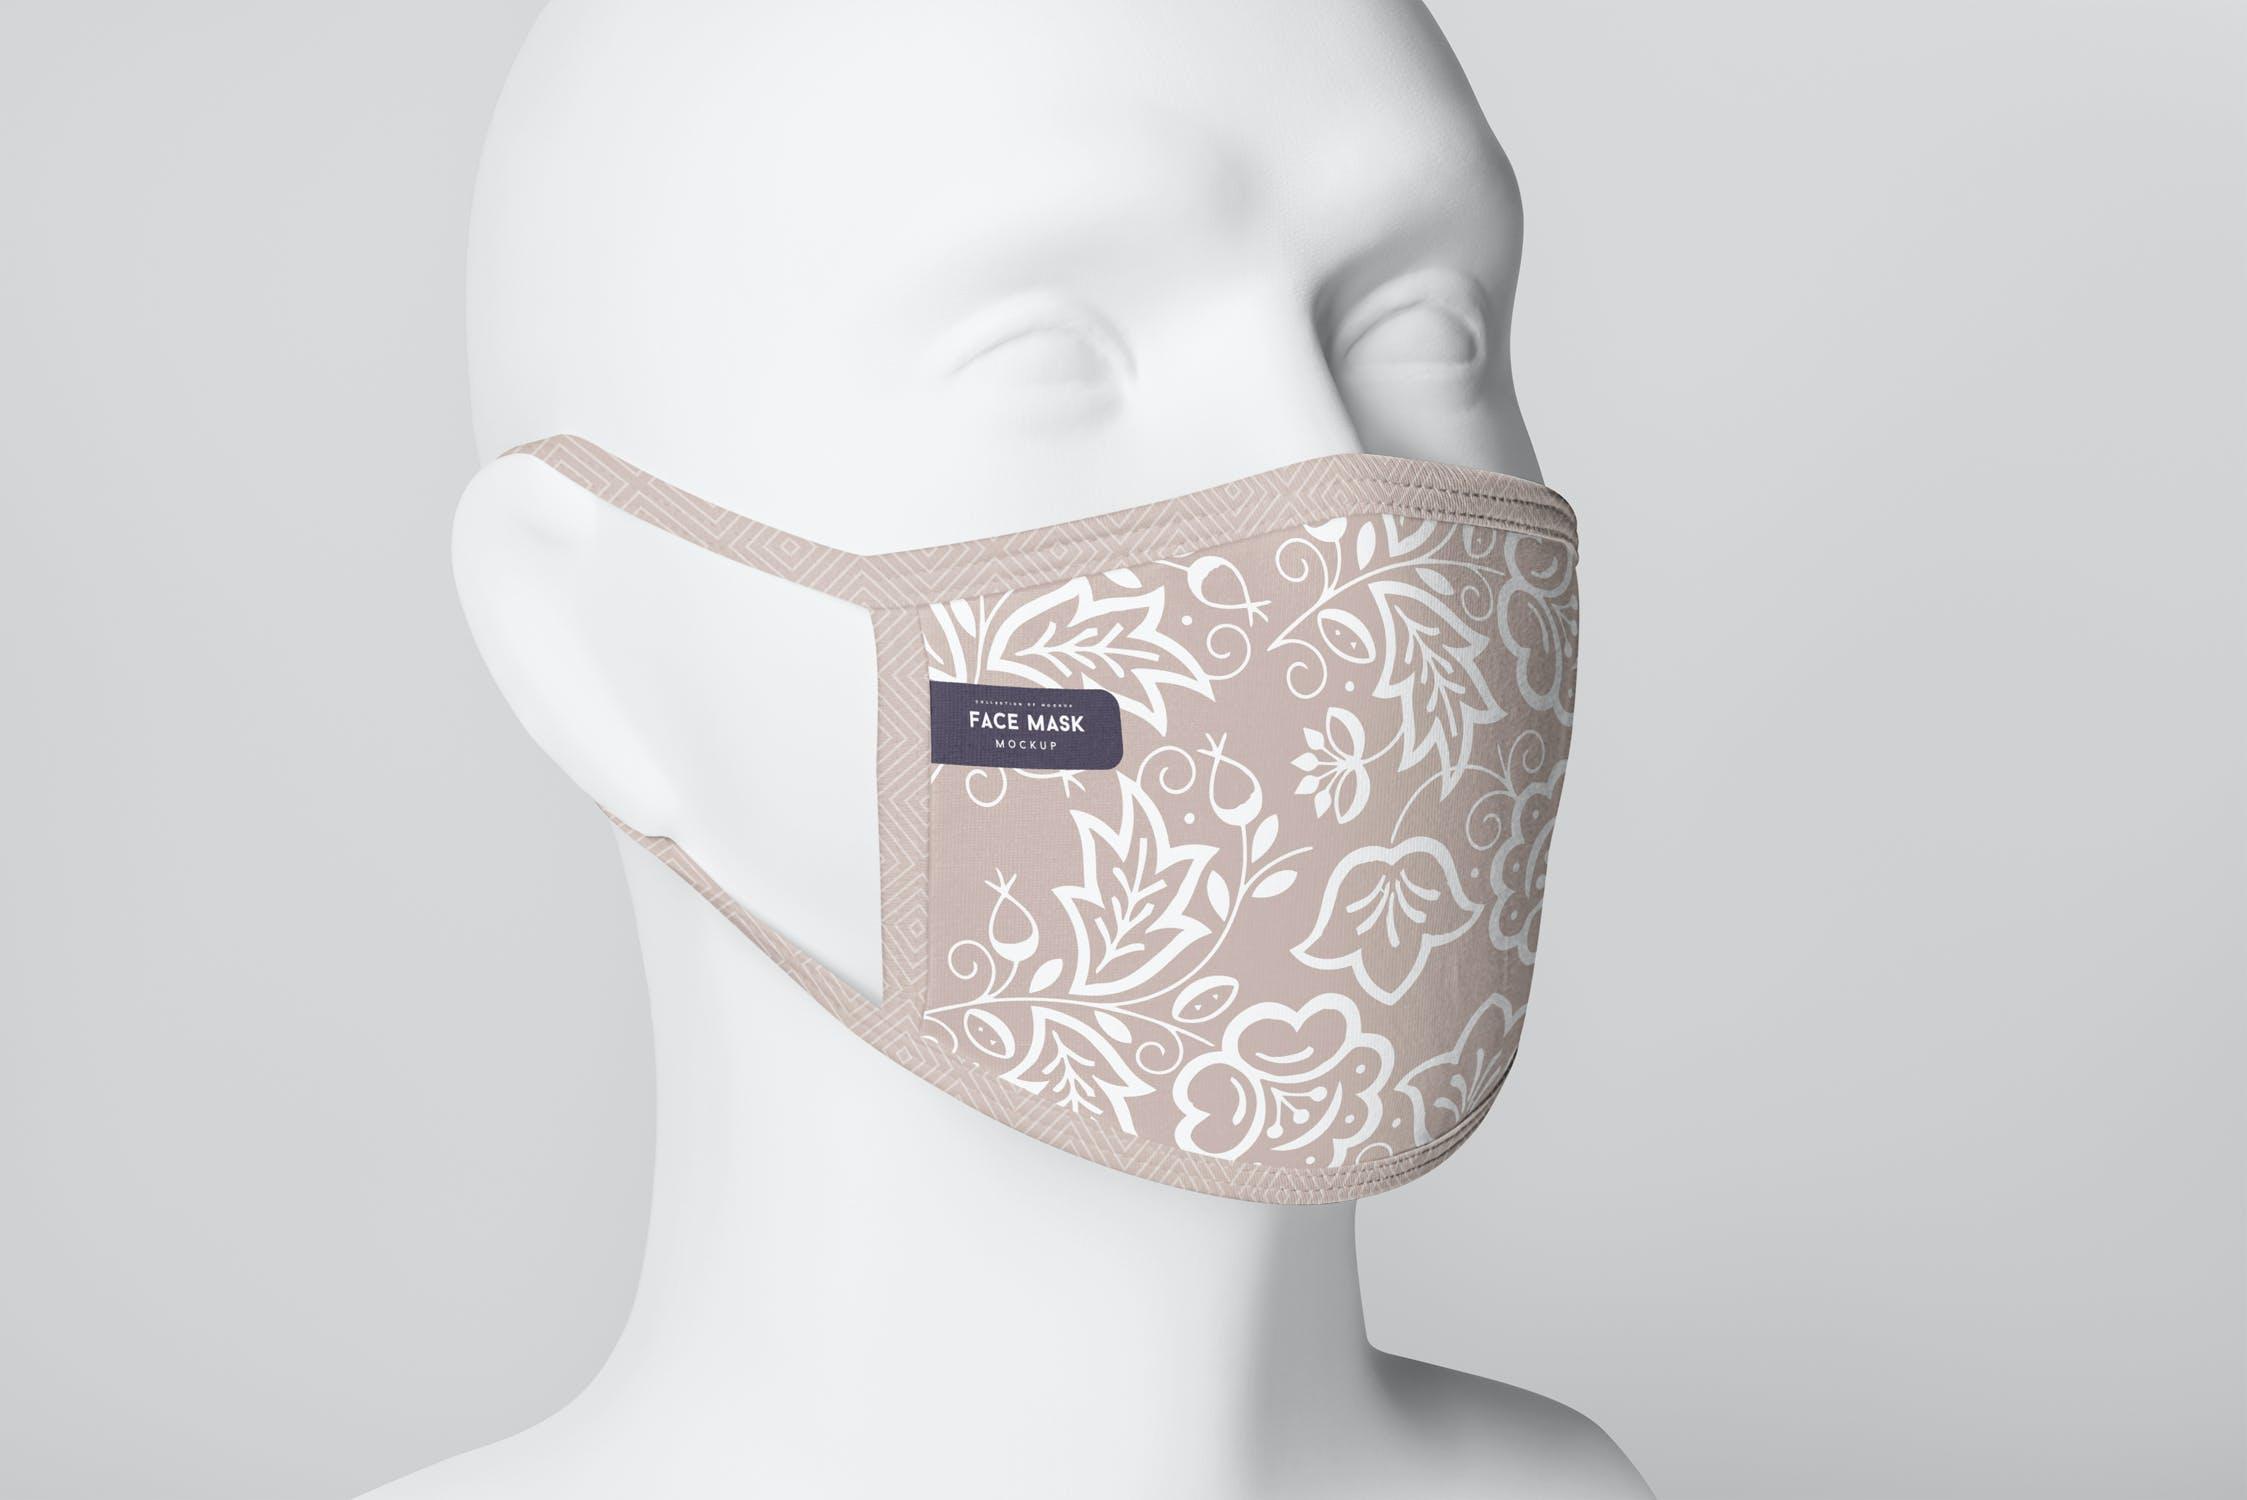 8款防护面罩口罩印花设计展示样机PSD模板 Face Mask Mockup插图(7)